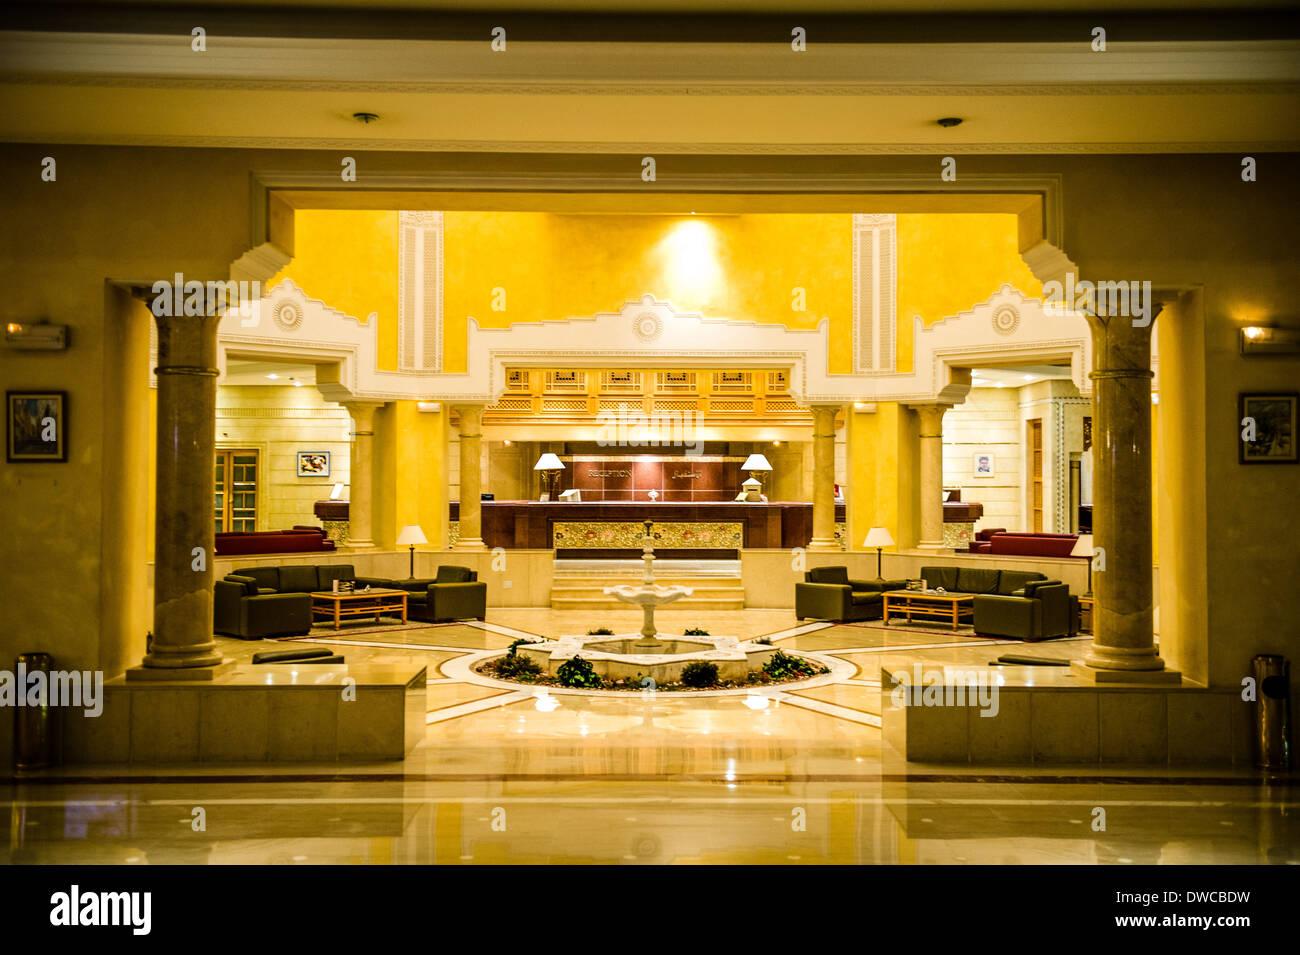 North Africa, Tunisia, Cape Bon, Hammamet. Reception of Mehari luxury hotel. - Stock Image